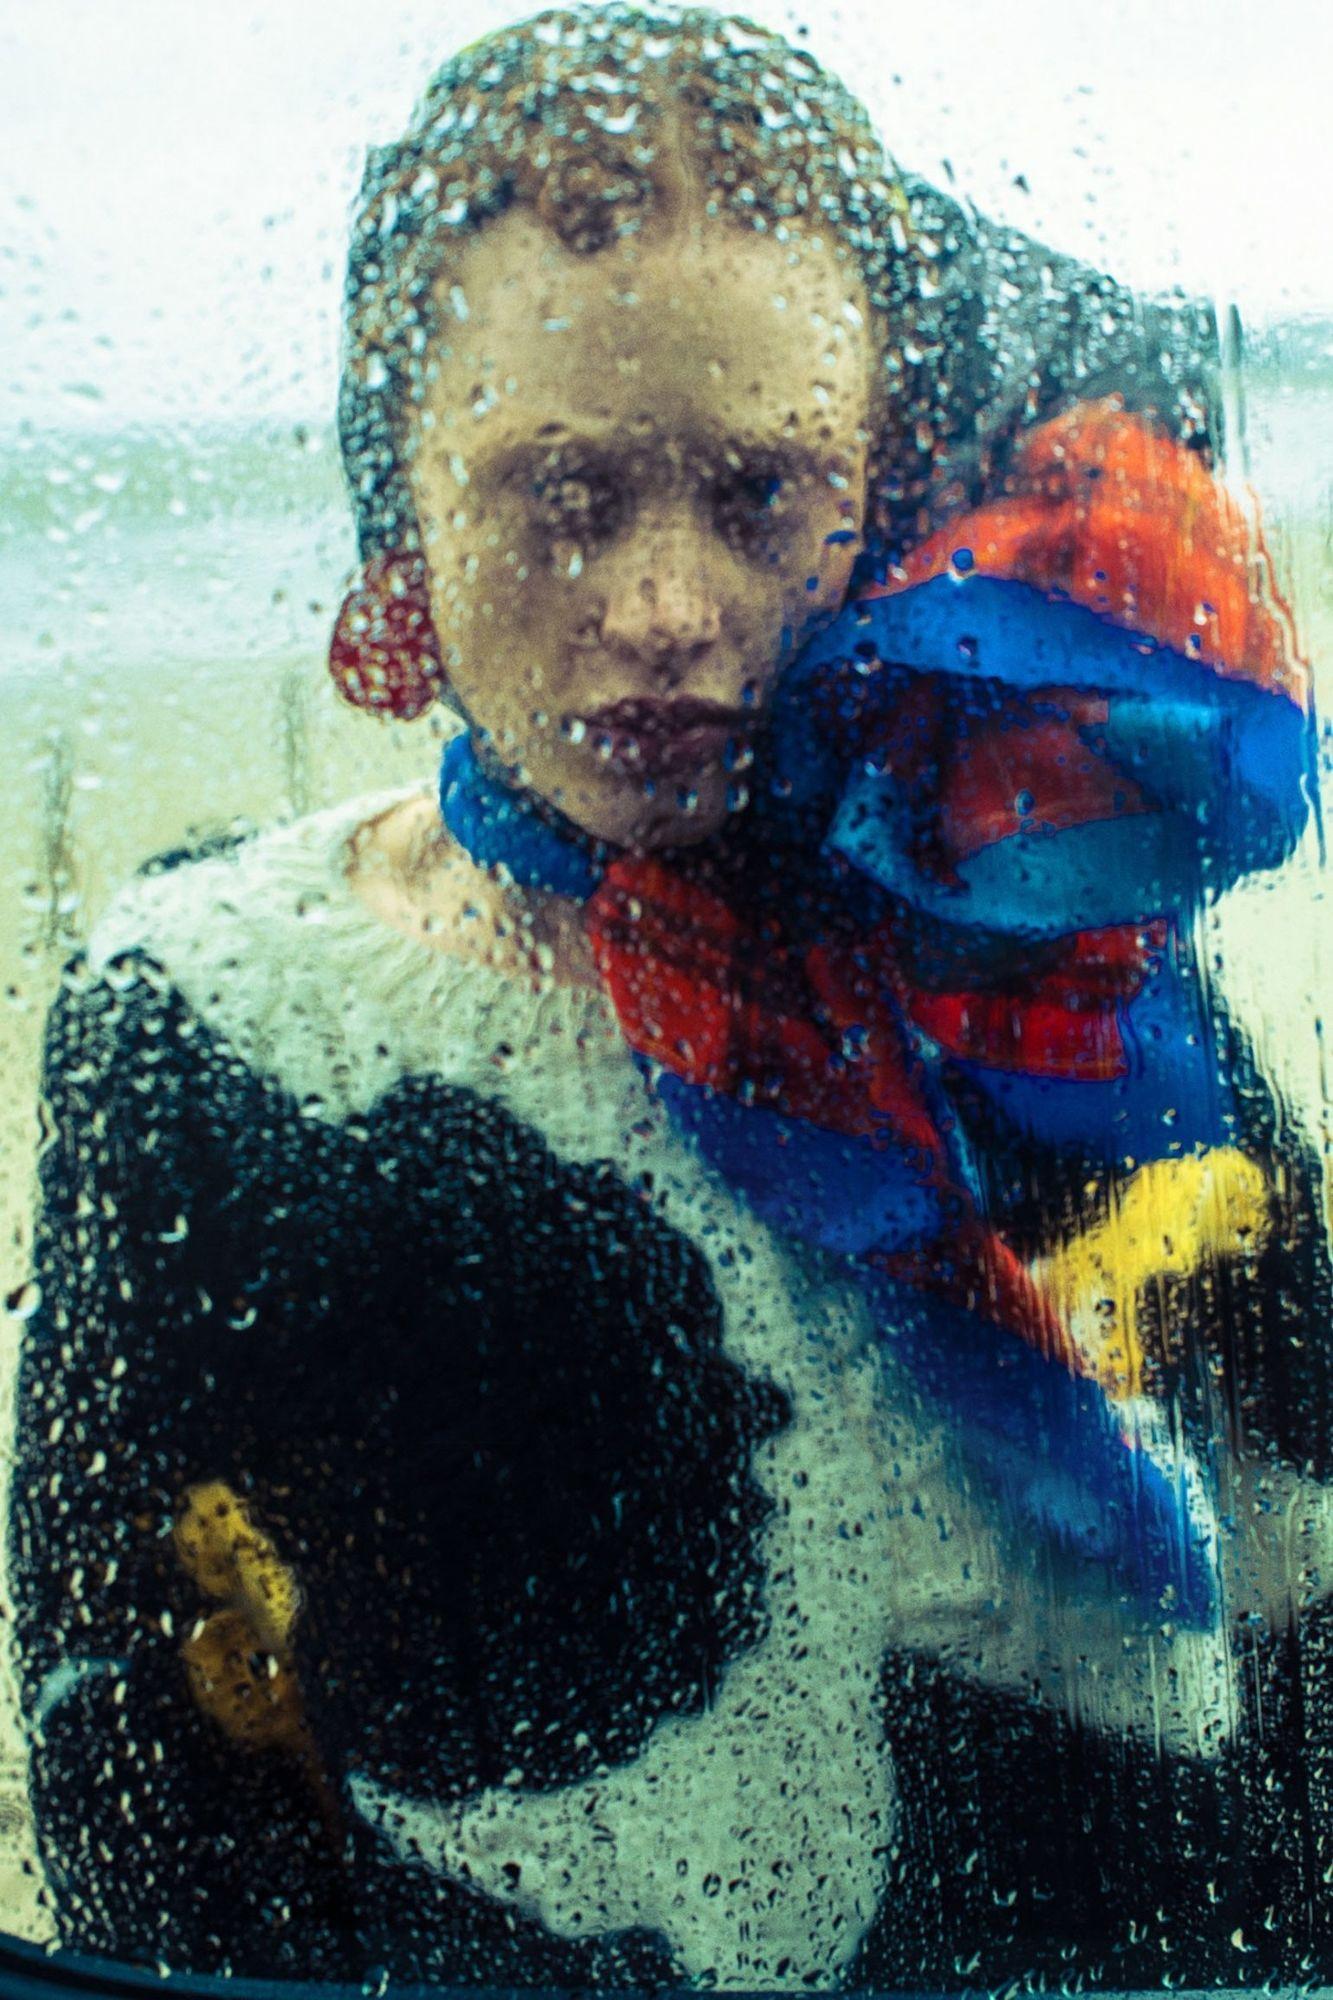 LIGANORD ARTISTS BIRGIT SCHLOTTERBECK / STYLING & PEGGY KURKA / HAIR MAKE-UP